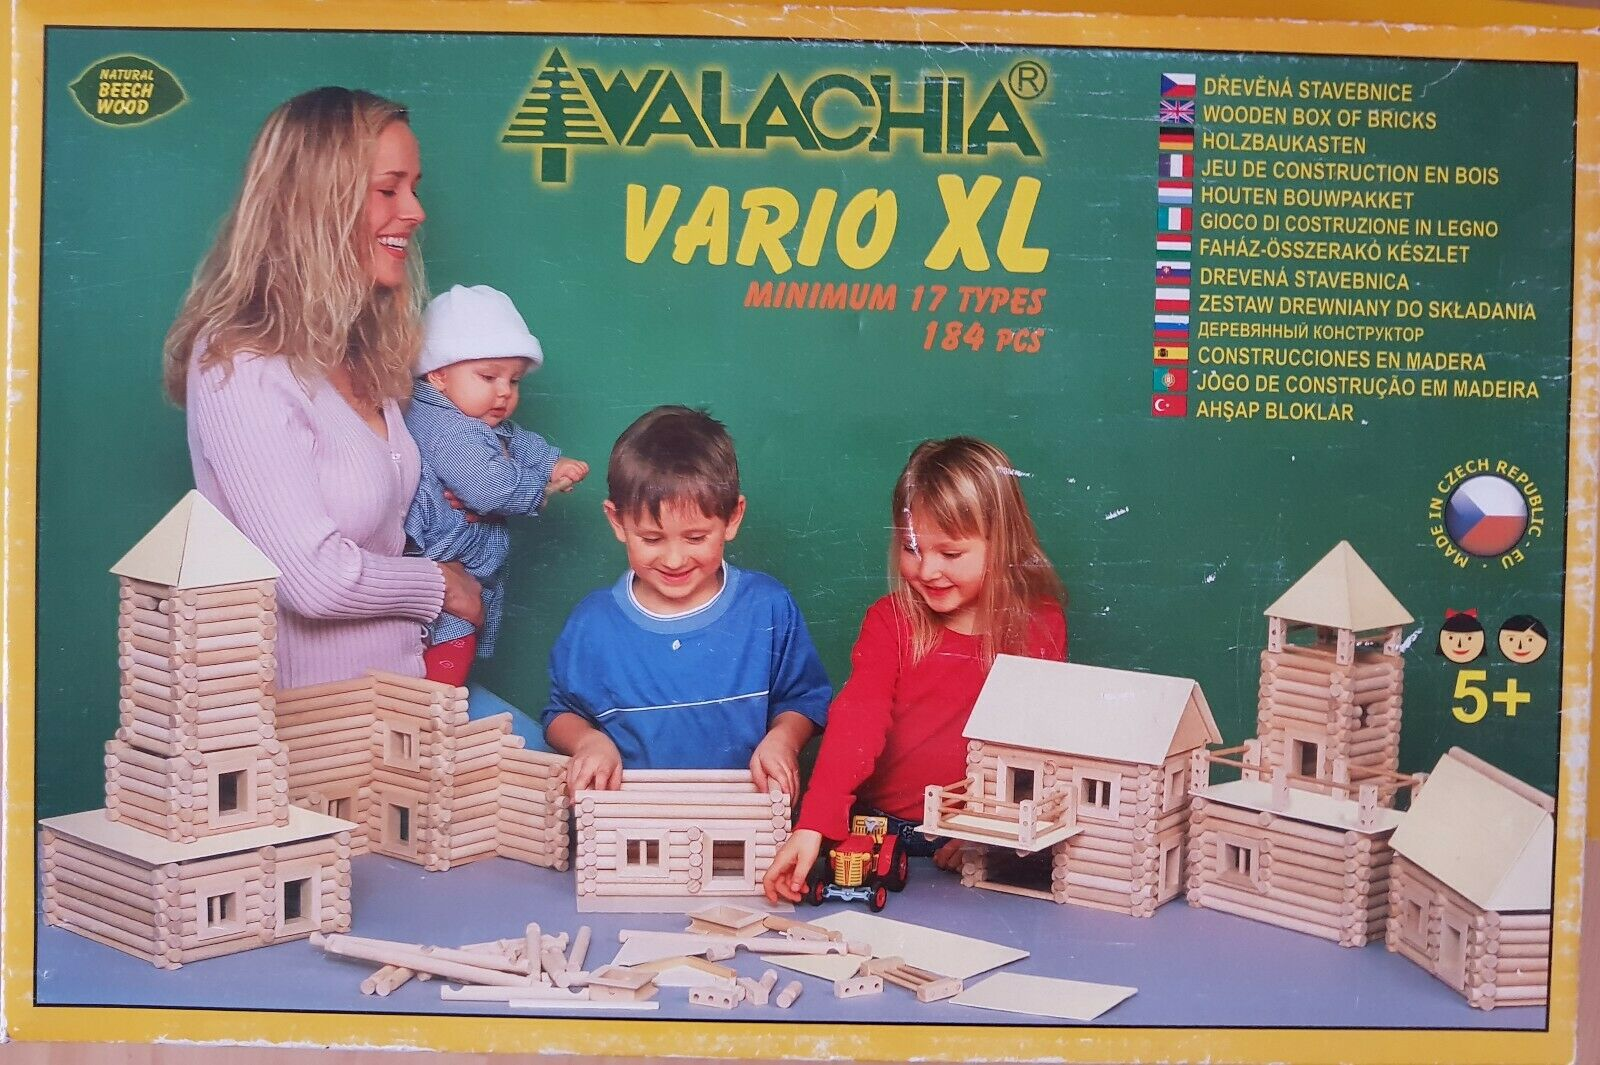 Vario XL XL XL Holzbaukasten  | Hohe Qualität Und Geringen Overhead  4ce072